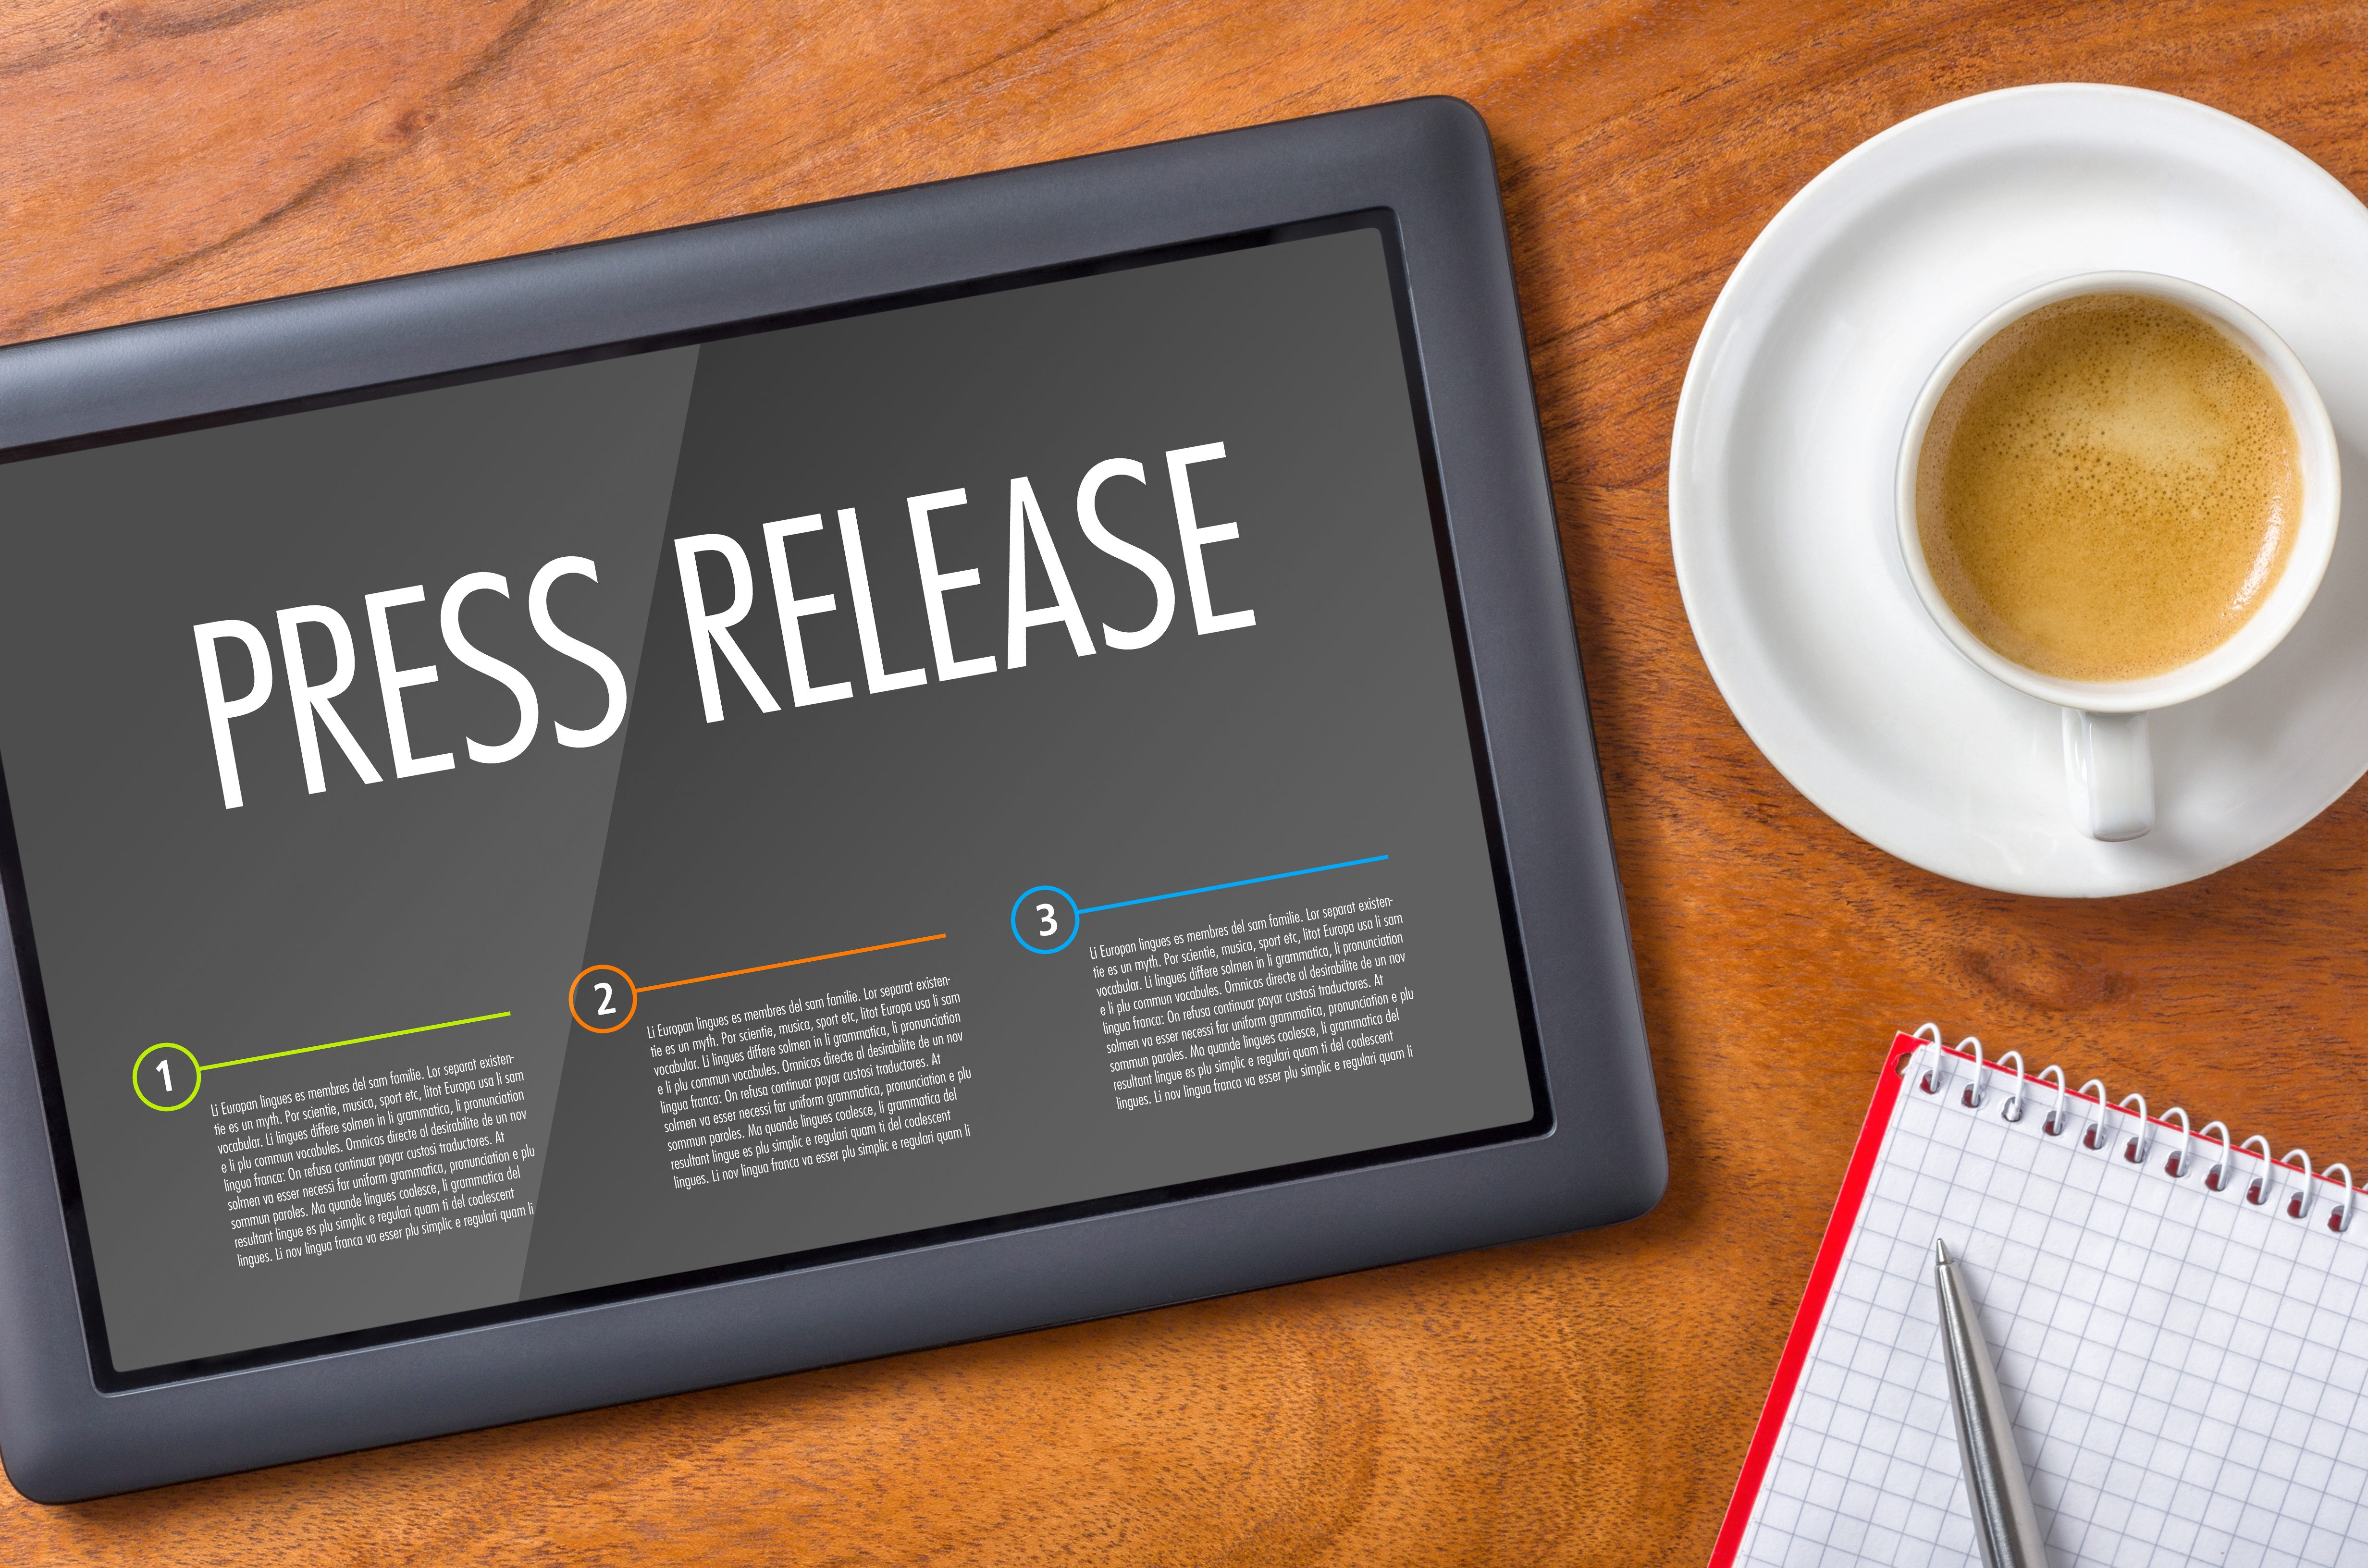 Smart911 App Press Releases